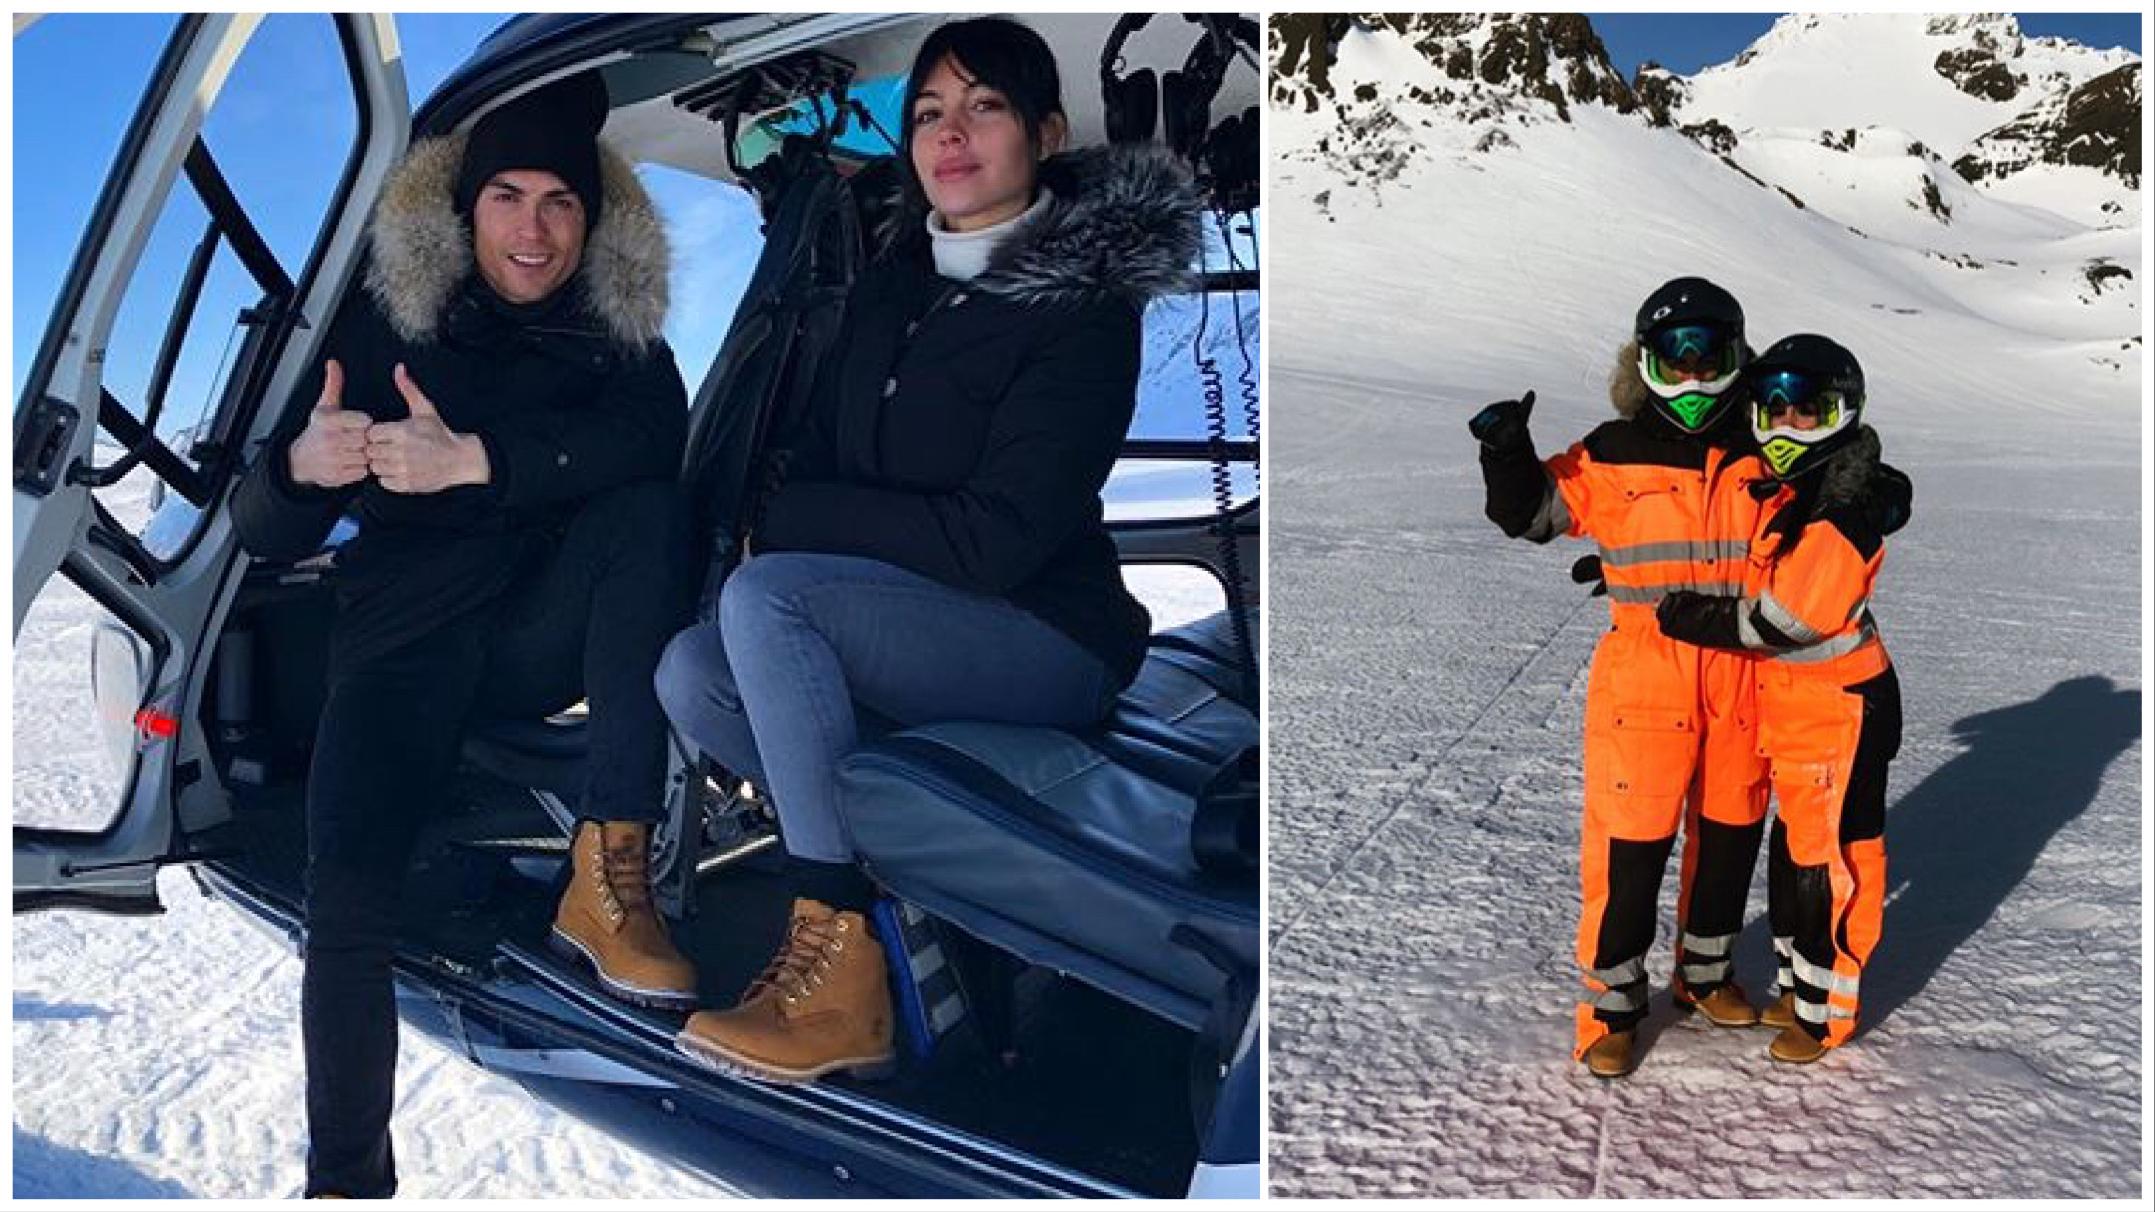 As férias na neve de Cristiano Ronaldo e Georgina Rodríguez